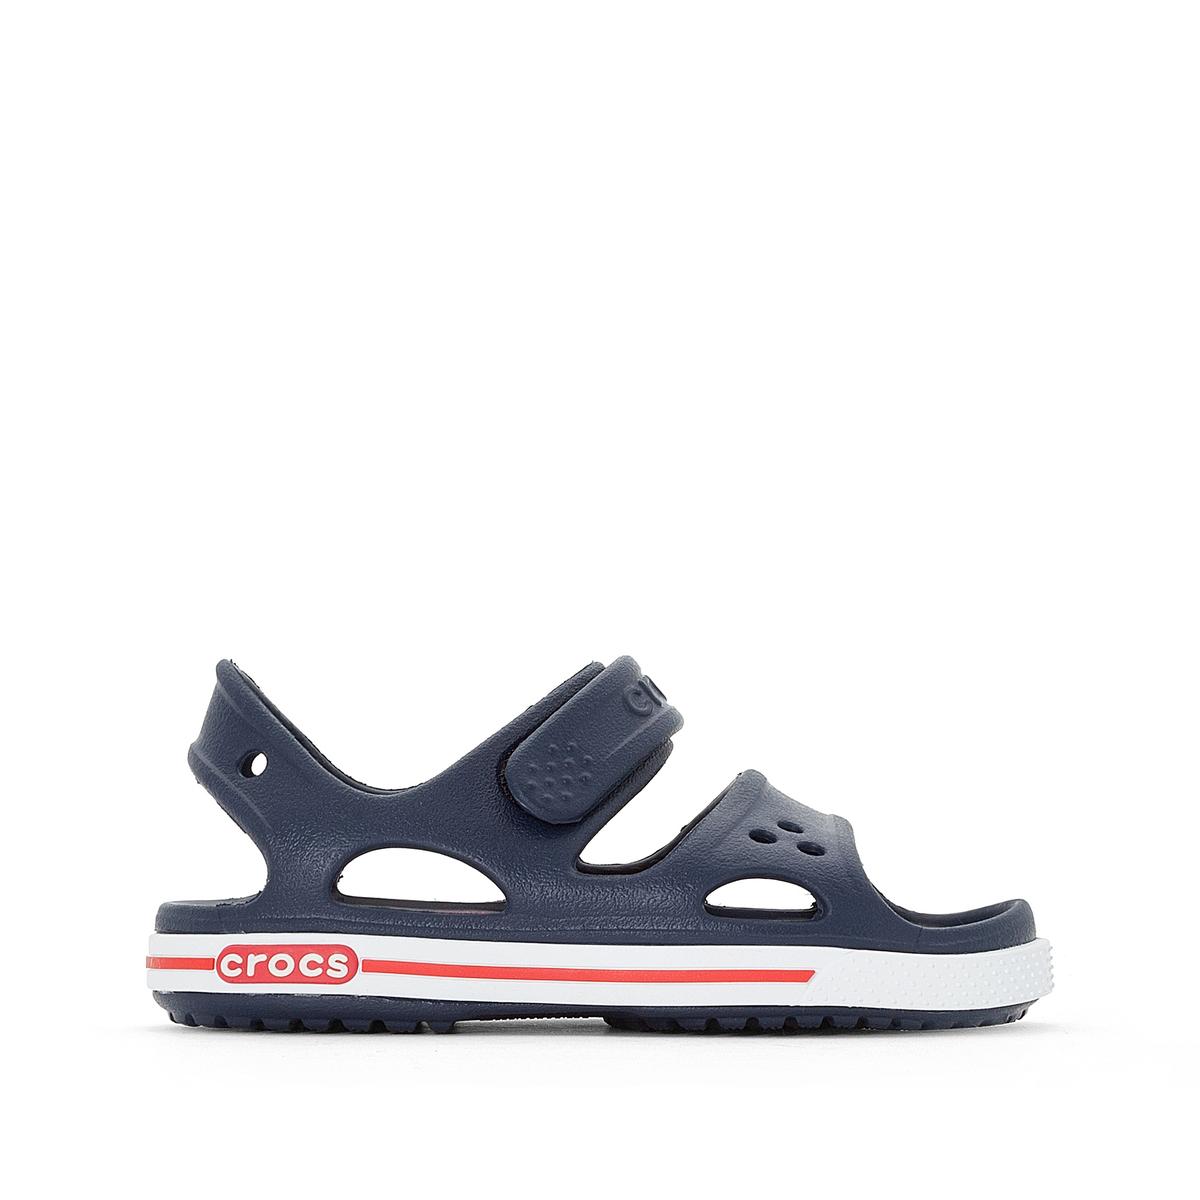 цена Босоножки La Redoute Crocband II Sandal PS 25/26 синий онлайн в 2017 году